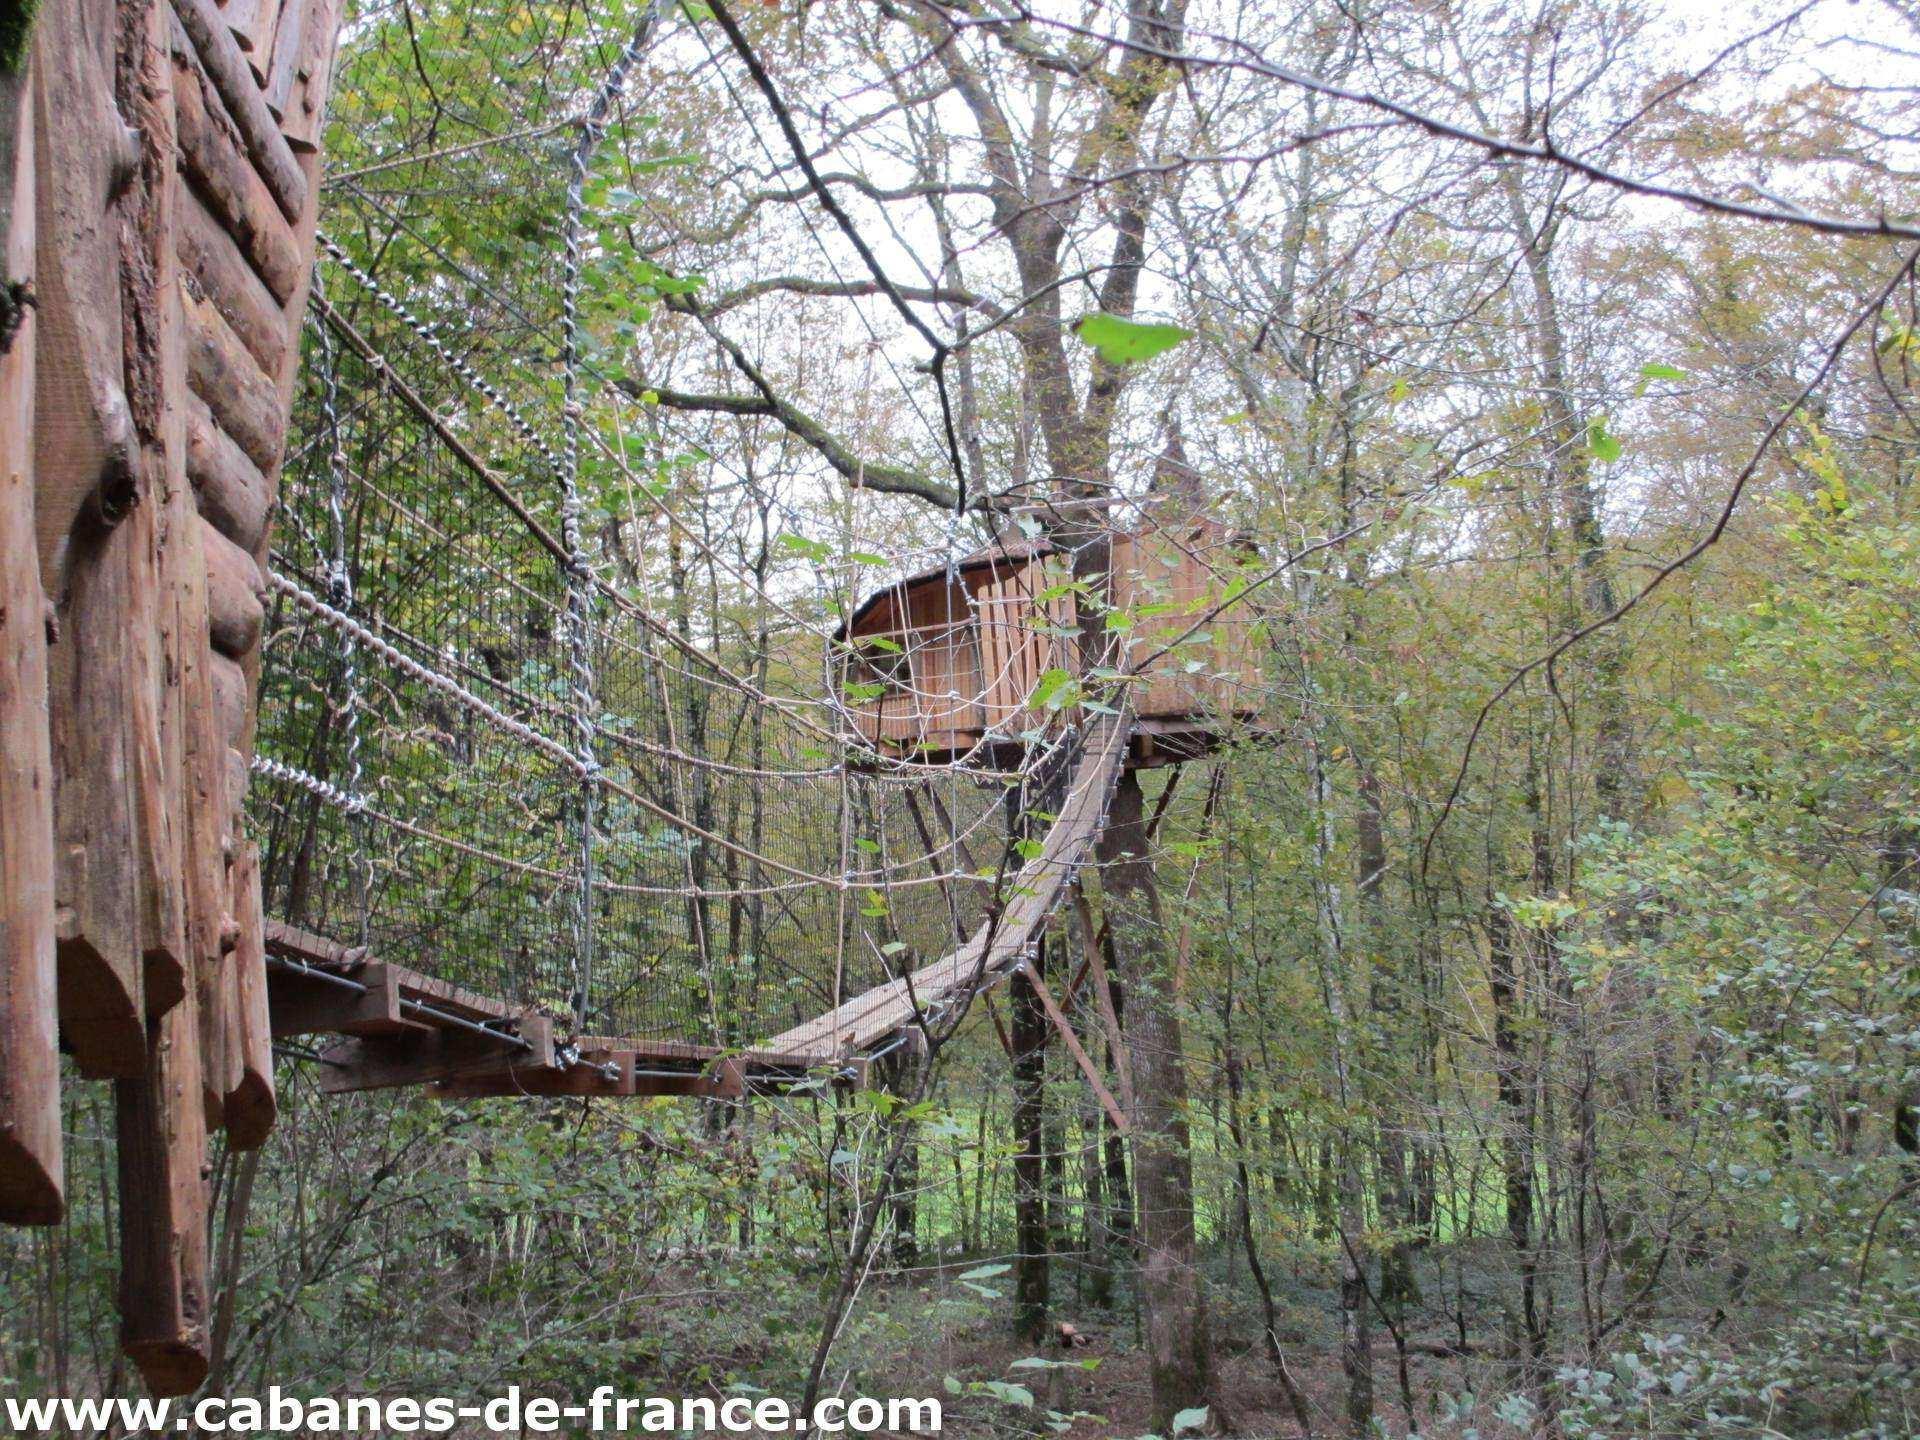 Tad Goz u2013 Les Cabanes du Bois Clair Cabane dans les arbres en Franche Comté Cabanes de France # Cabane Du Bois Clair